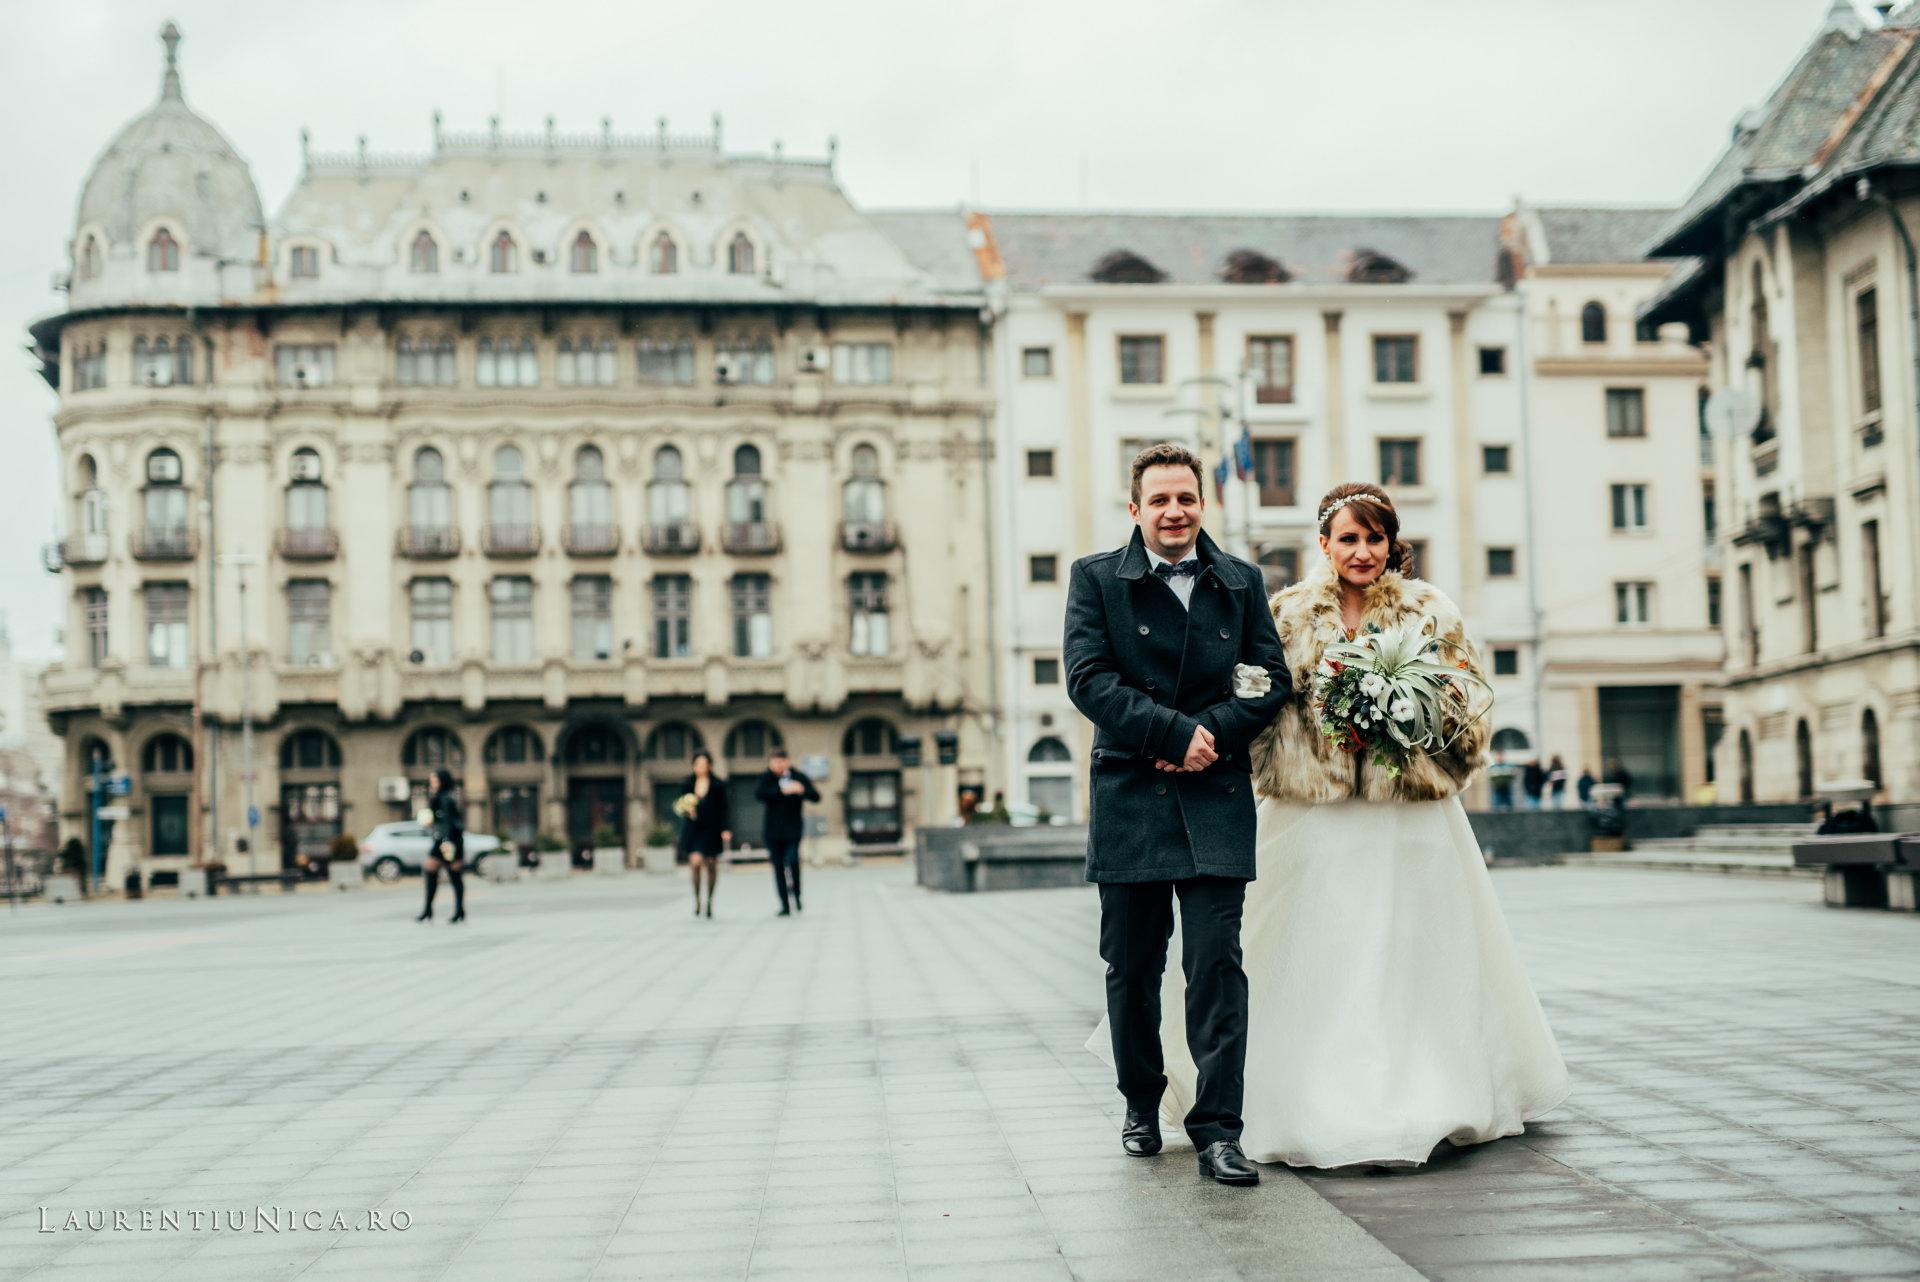 daniela si marius fotografii nunta craiova laurentiu nica31 - Daniela & Marius | Fotografii nunta